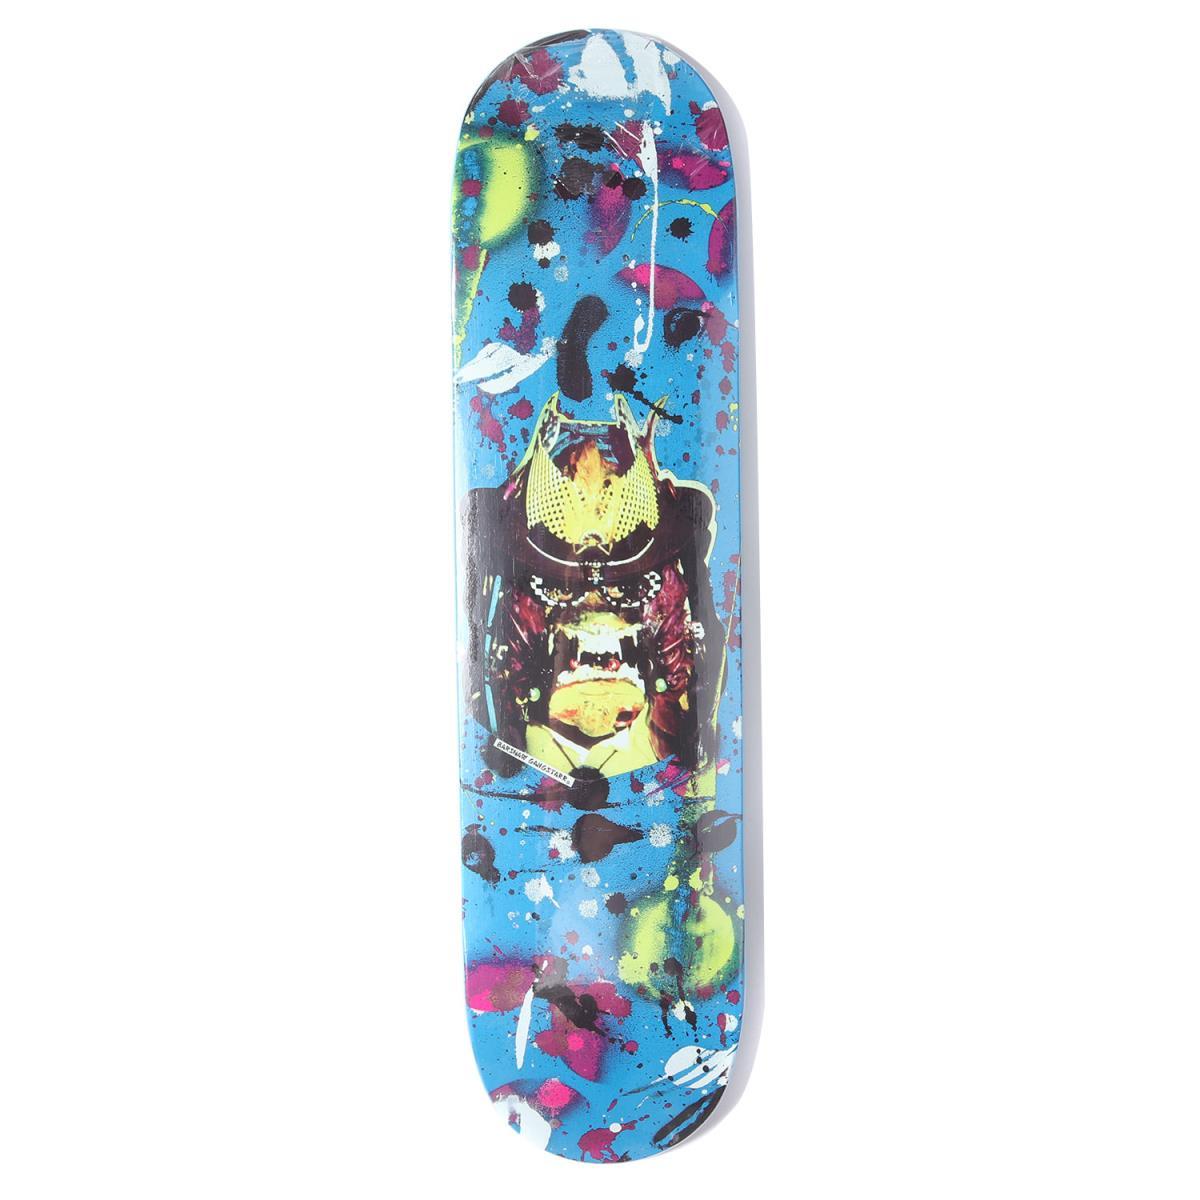 パーツ, デッキ Supreme Rammellzee Skateboard Deck 02SS K2738